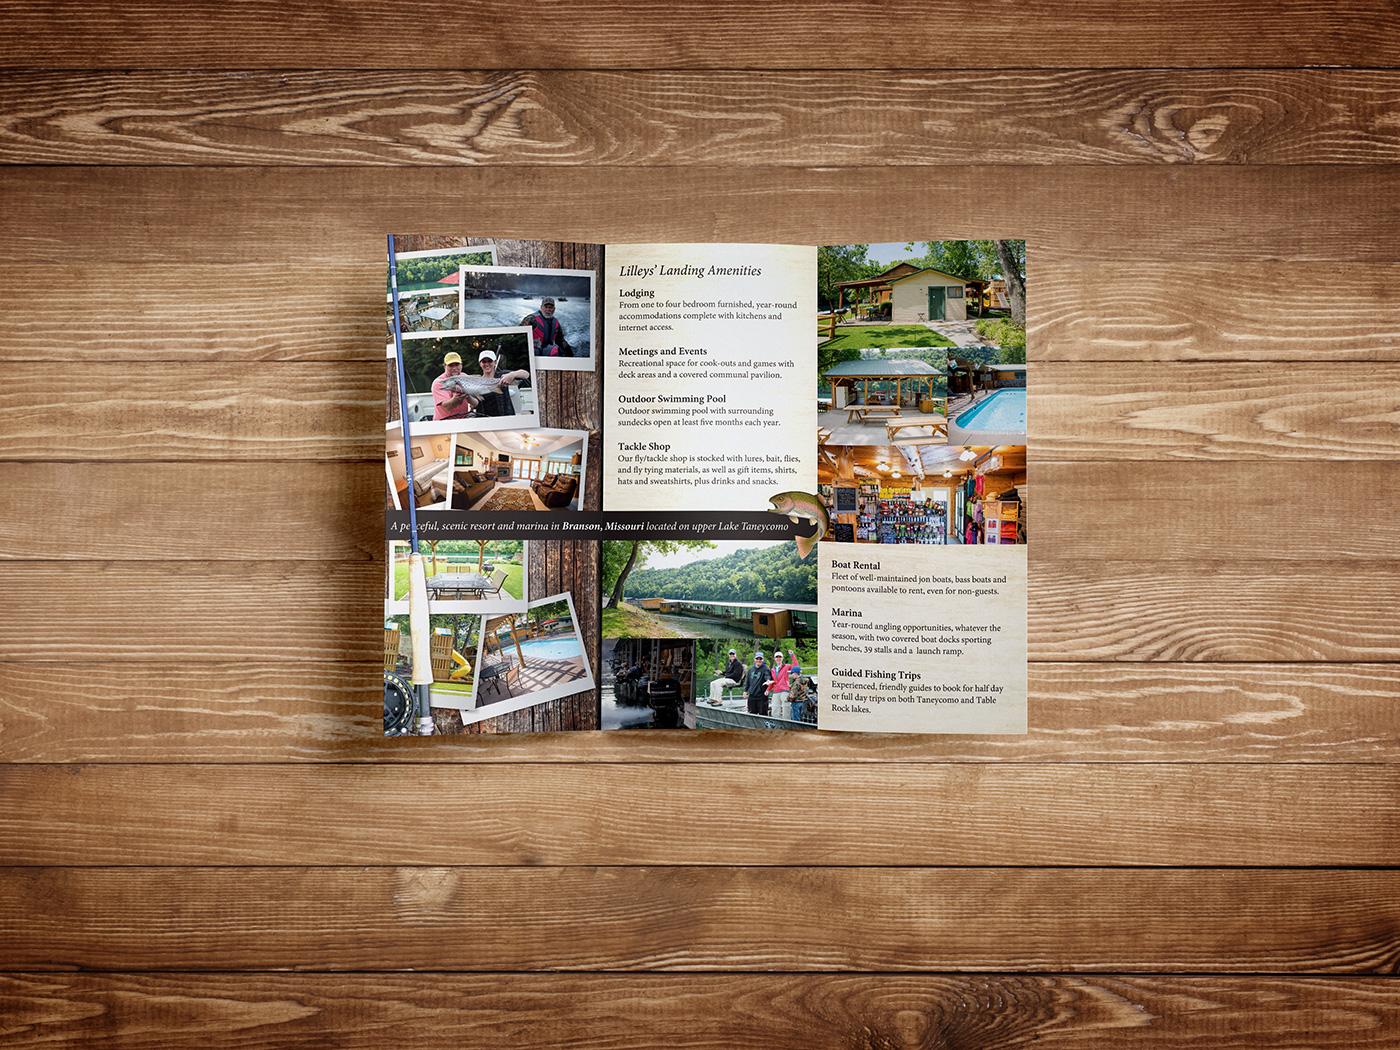 Lilleys' Landing brochure inside